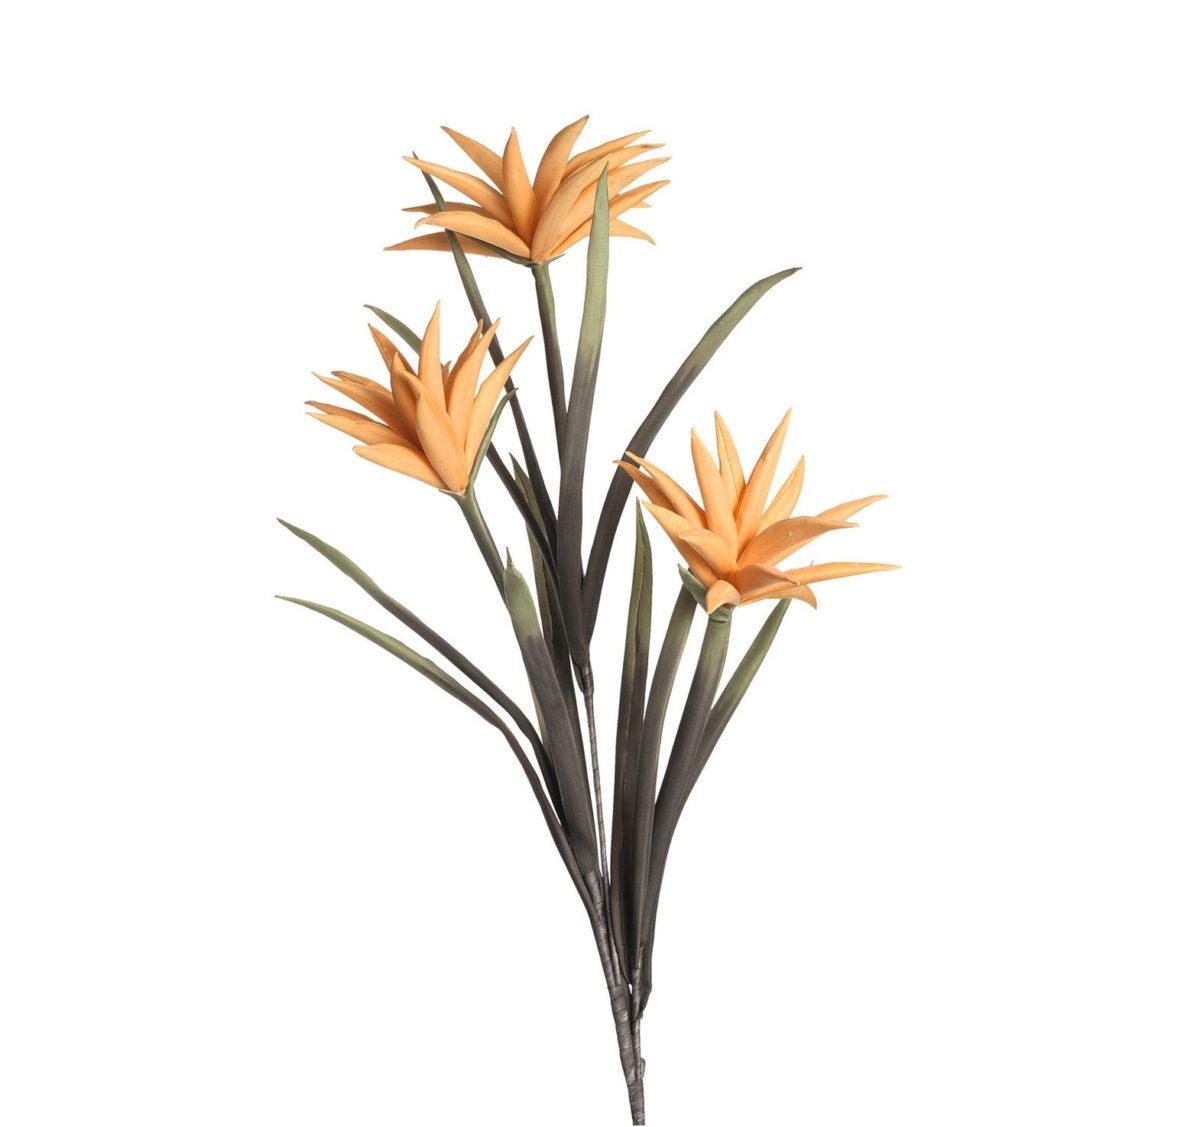 038518 0 k 1 1 1200x1127 - Floare decorativă Cotton orange 105 cm (L038518)